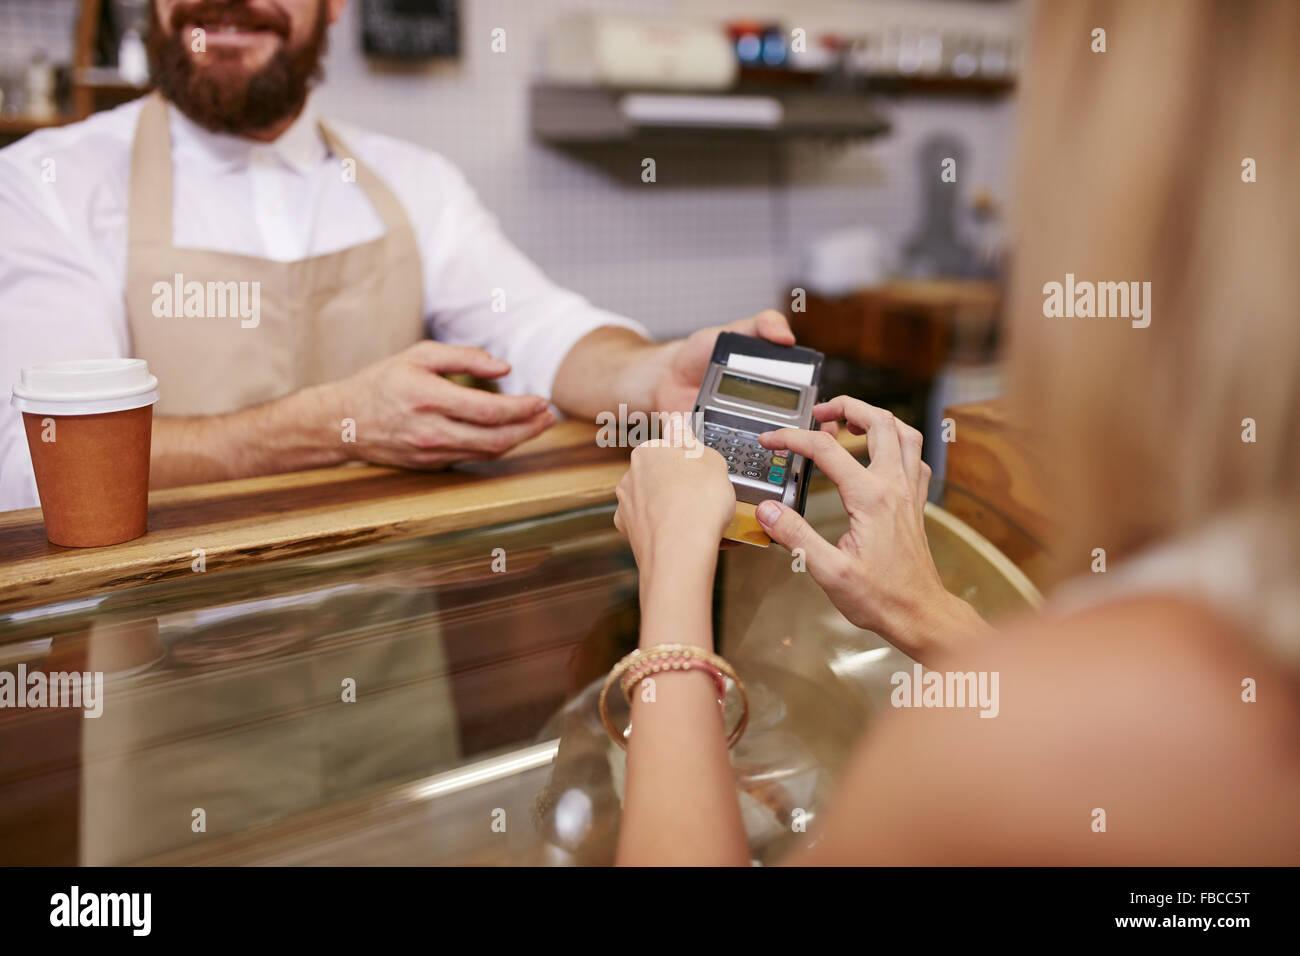 Jeune femme pour payer par carte de crédit au café coffee shop. Se concentrer sur les mains femme entrer Photo Stock